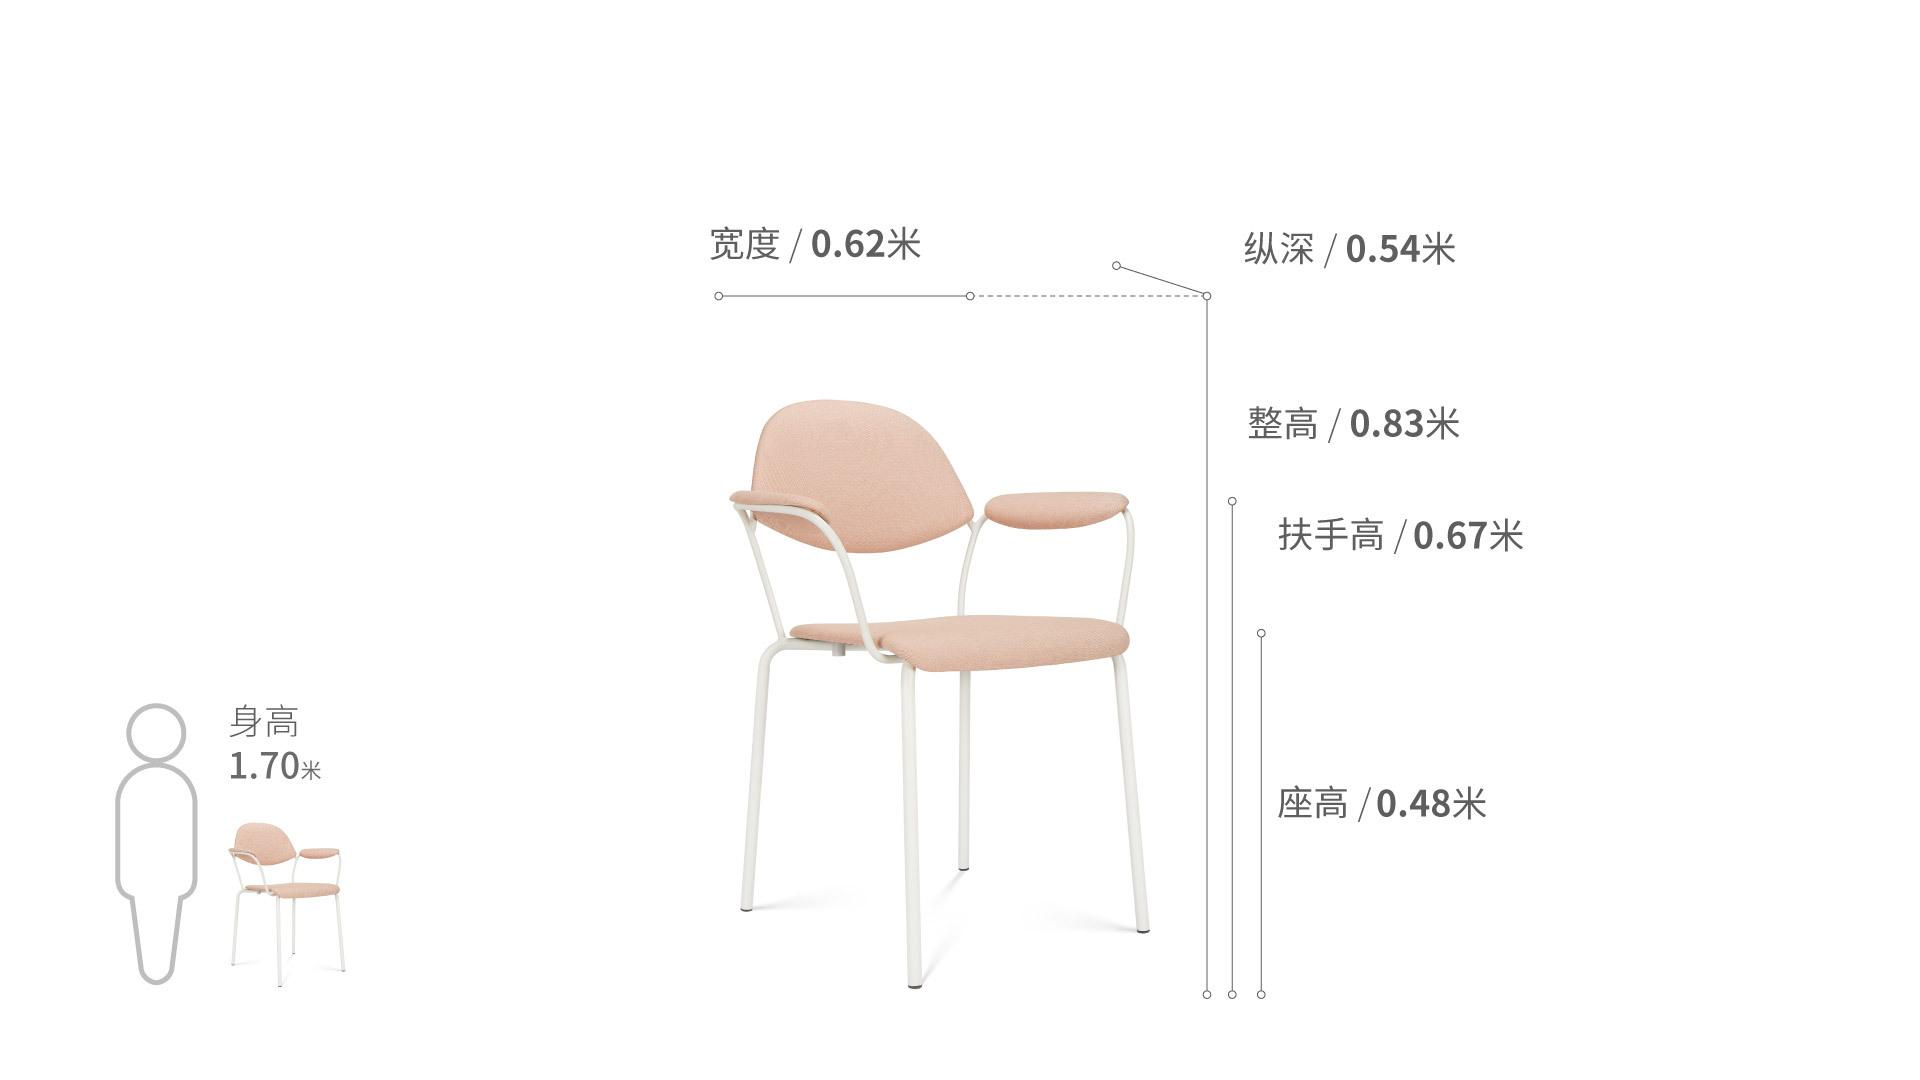 造作百合软椅®椅凳效果图